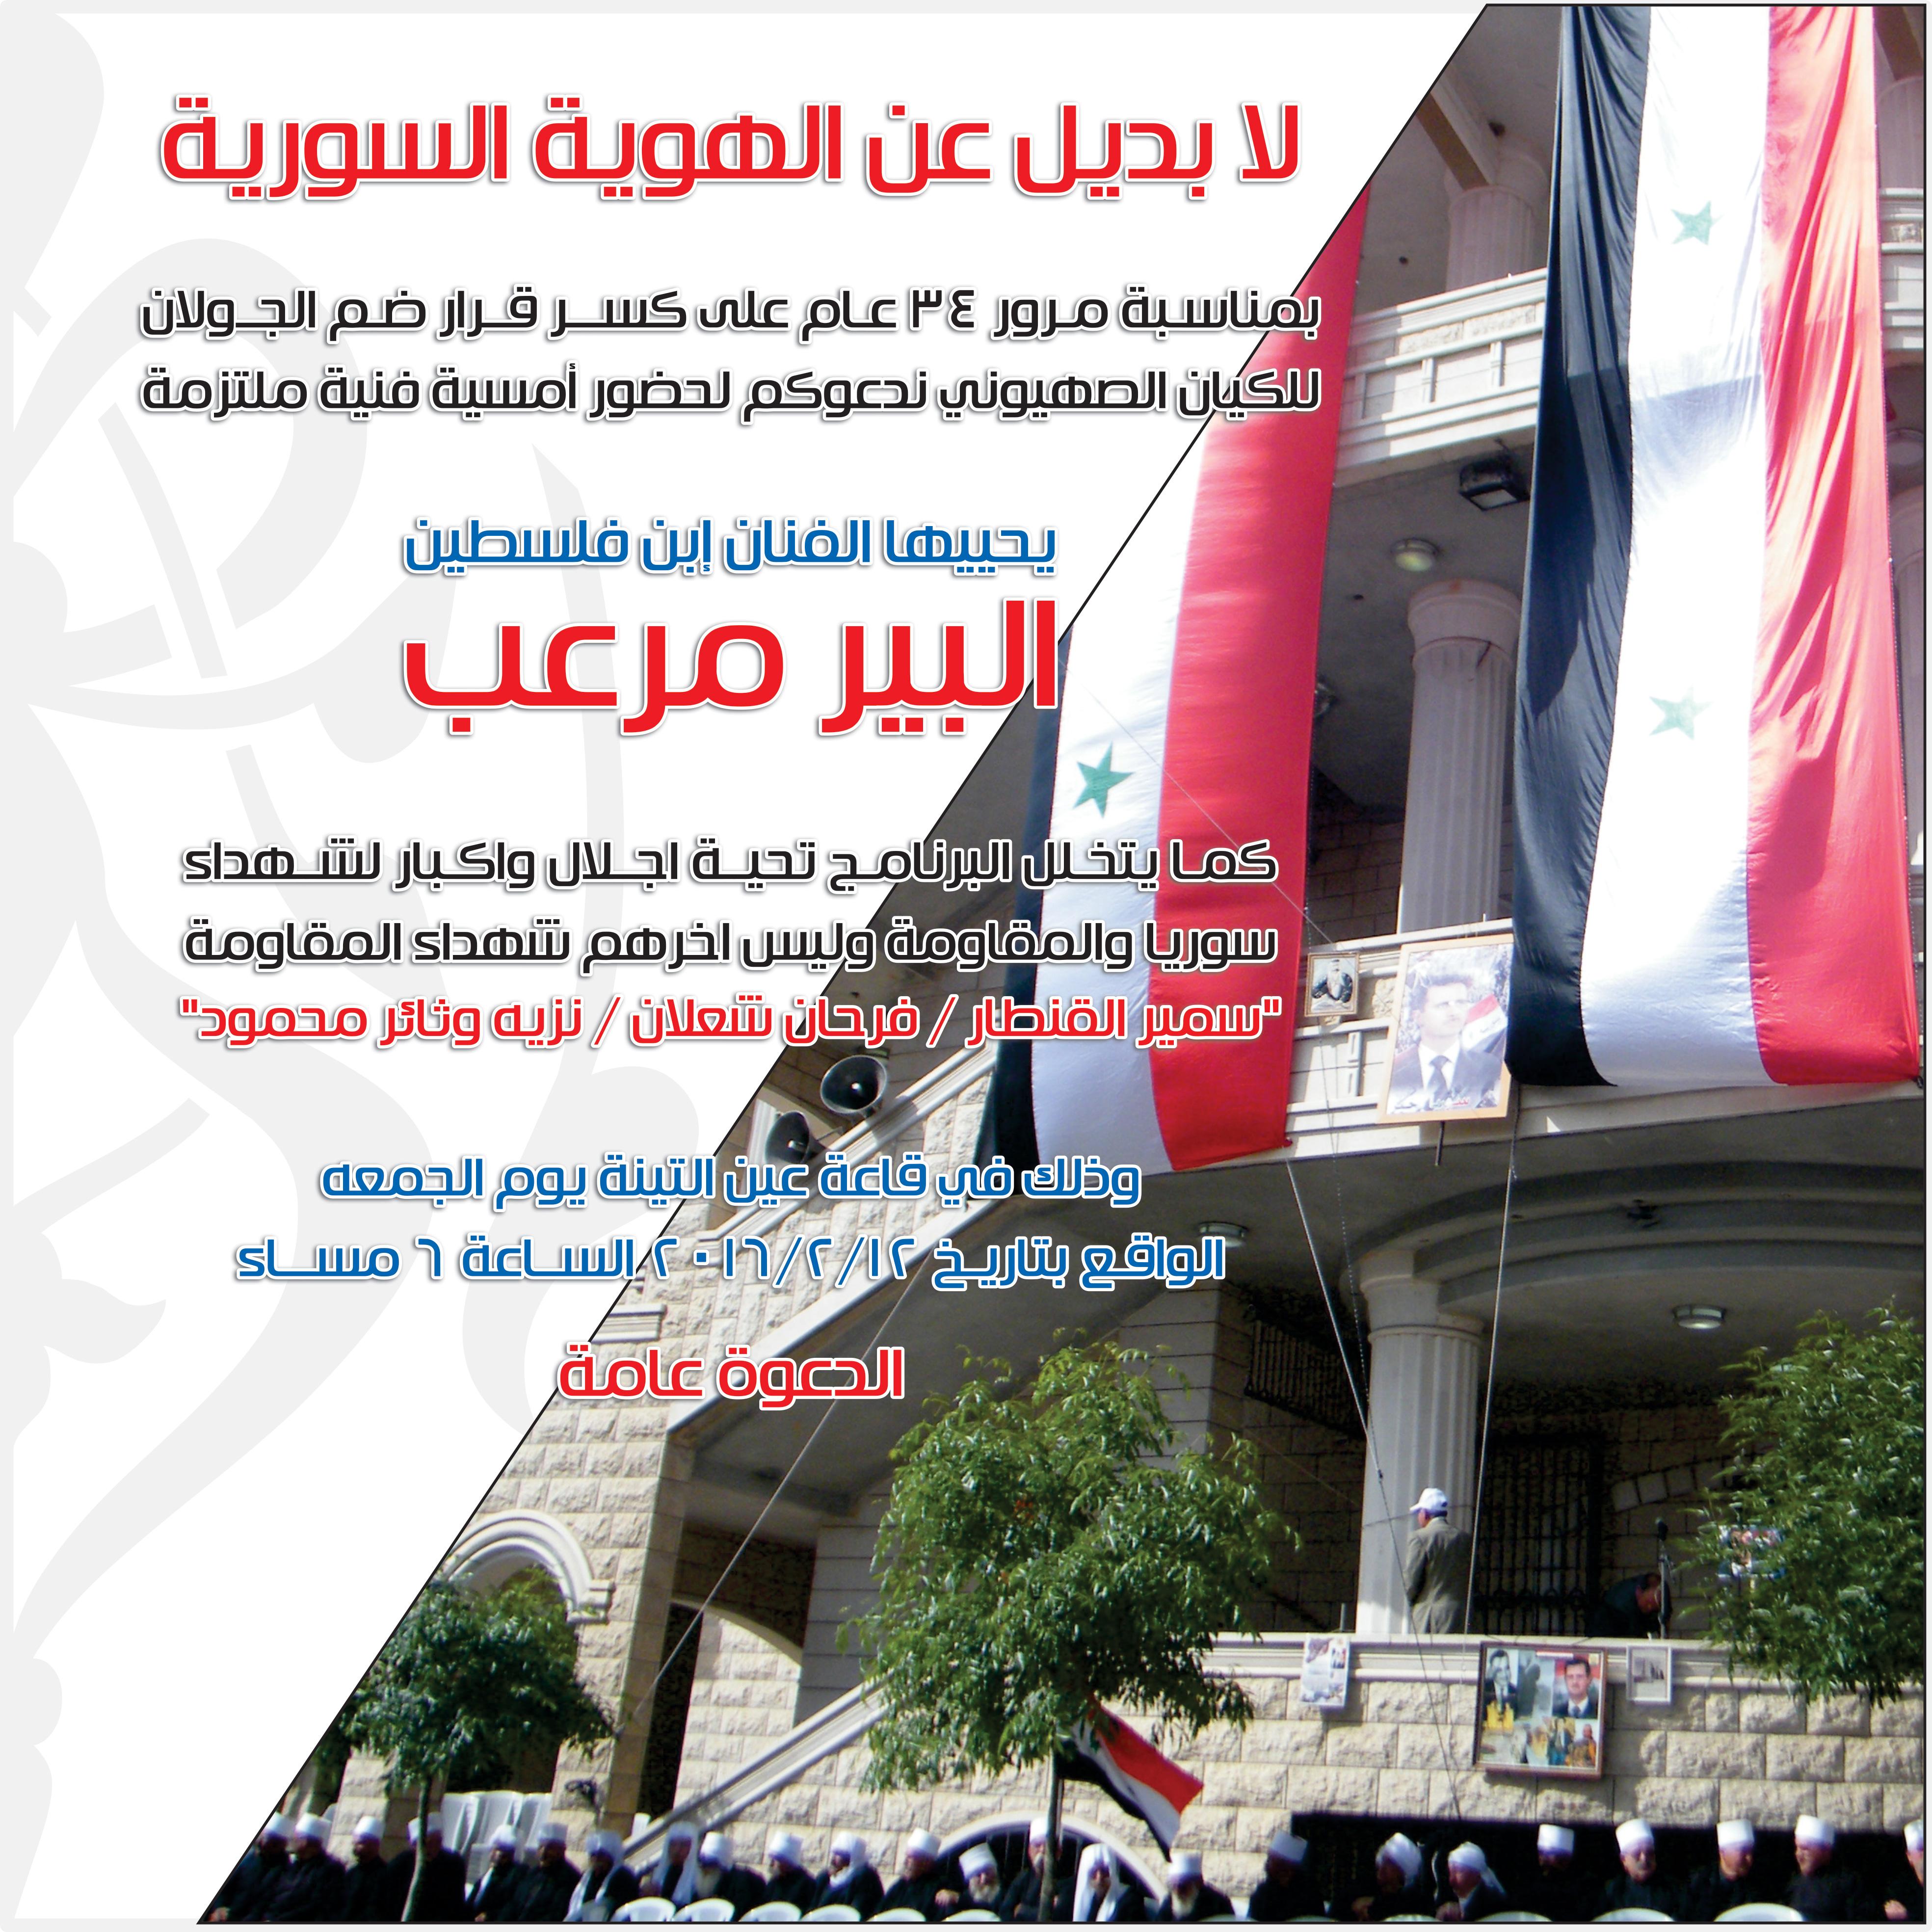 لا-بديل-عن-الهوية-السورية